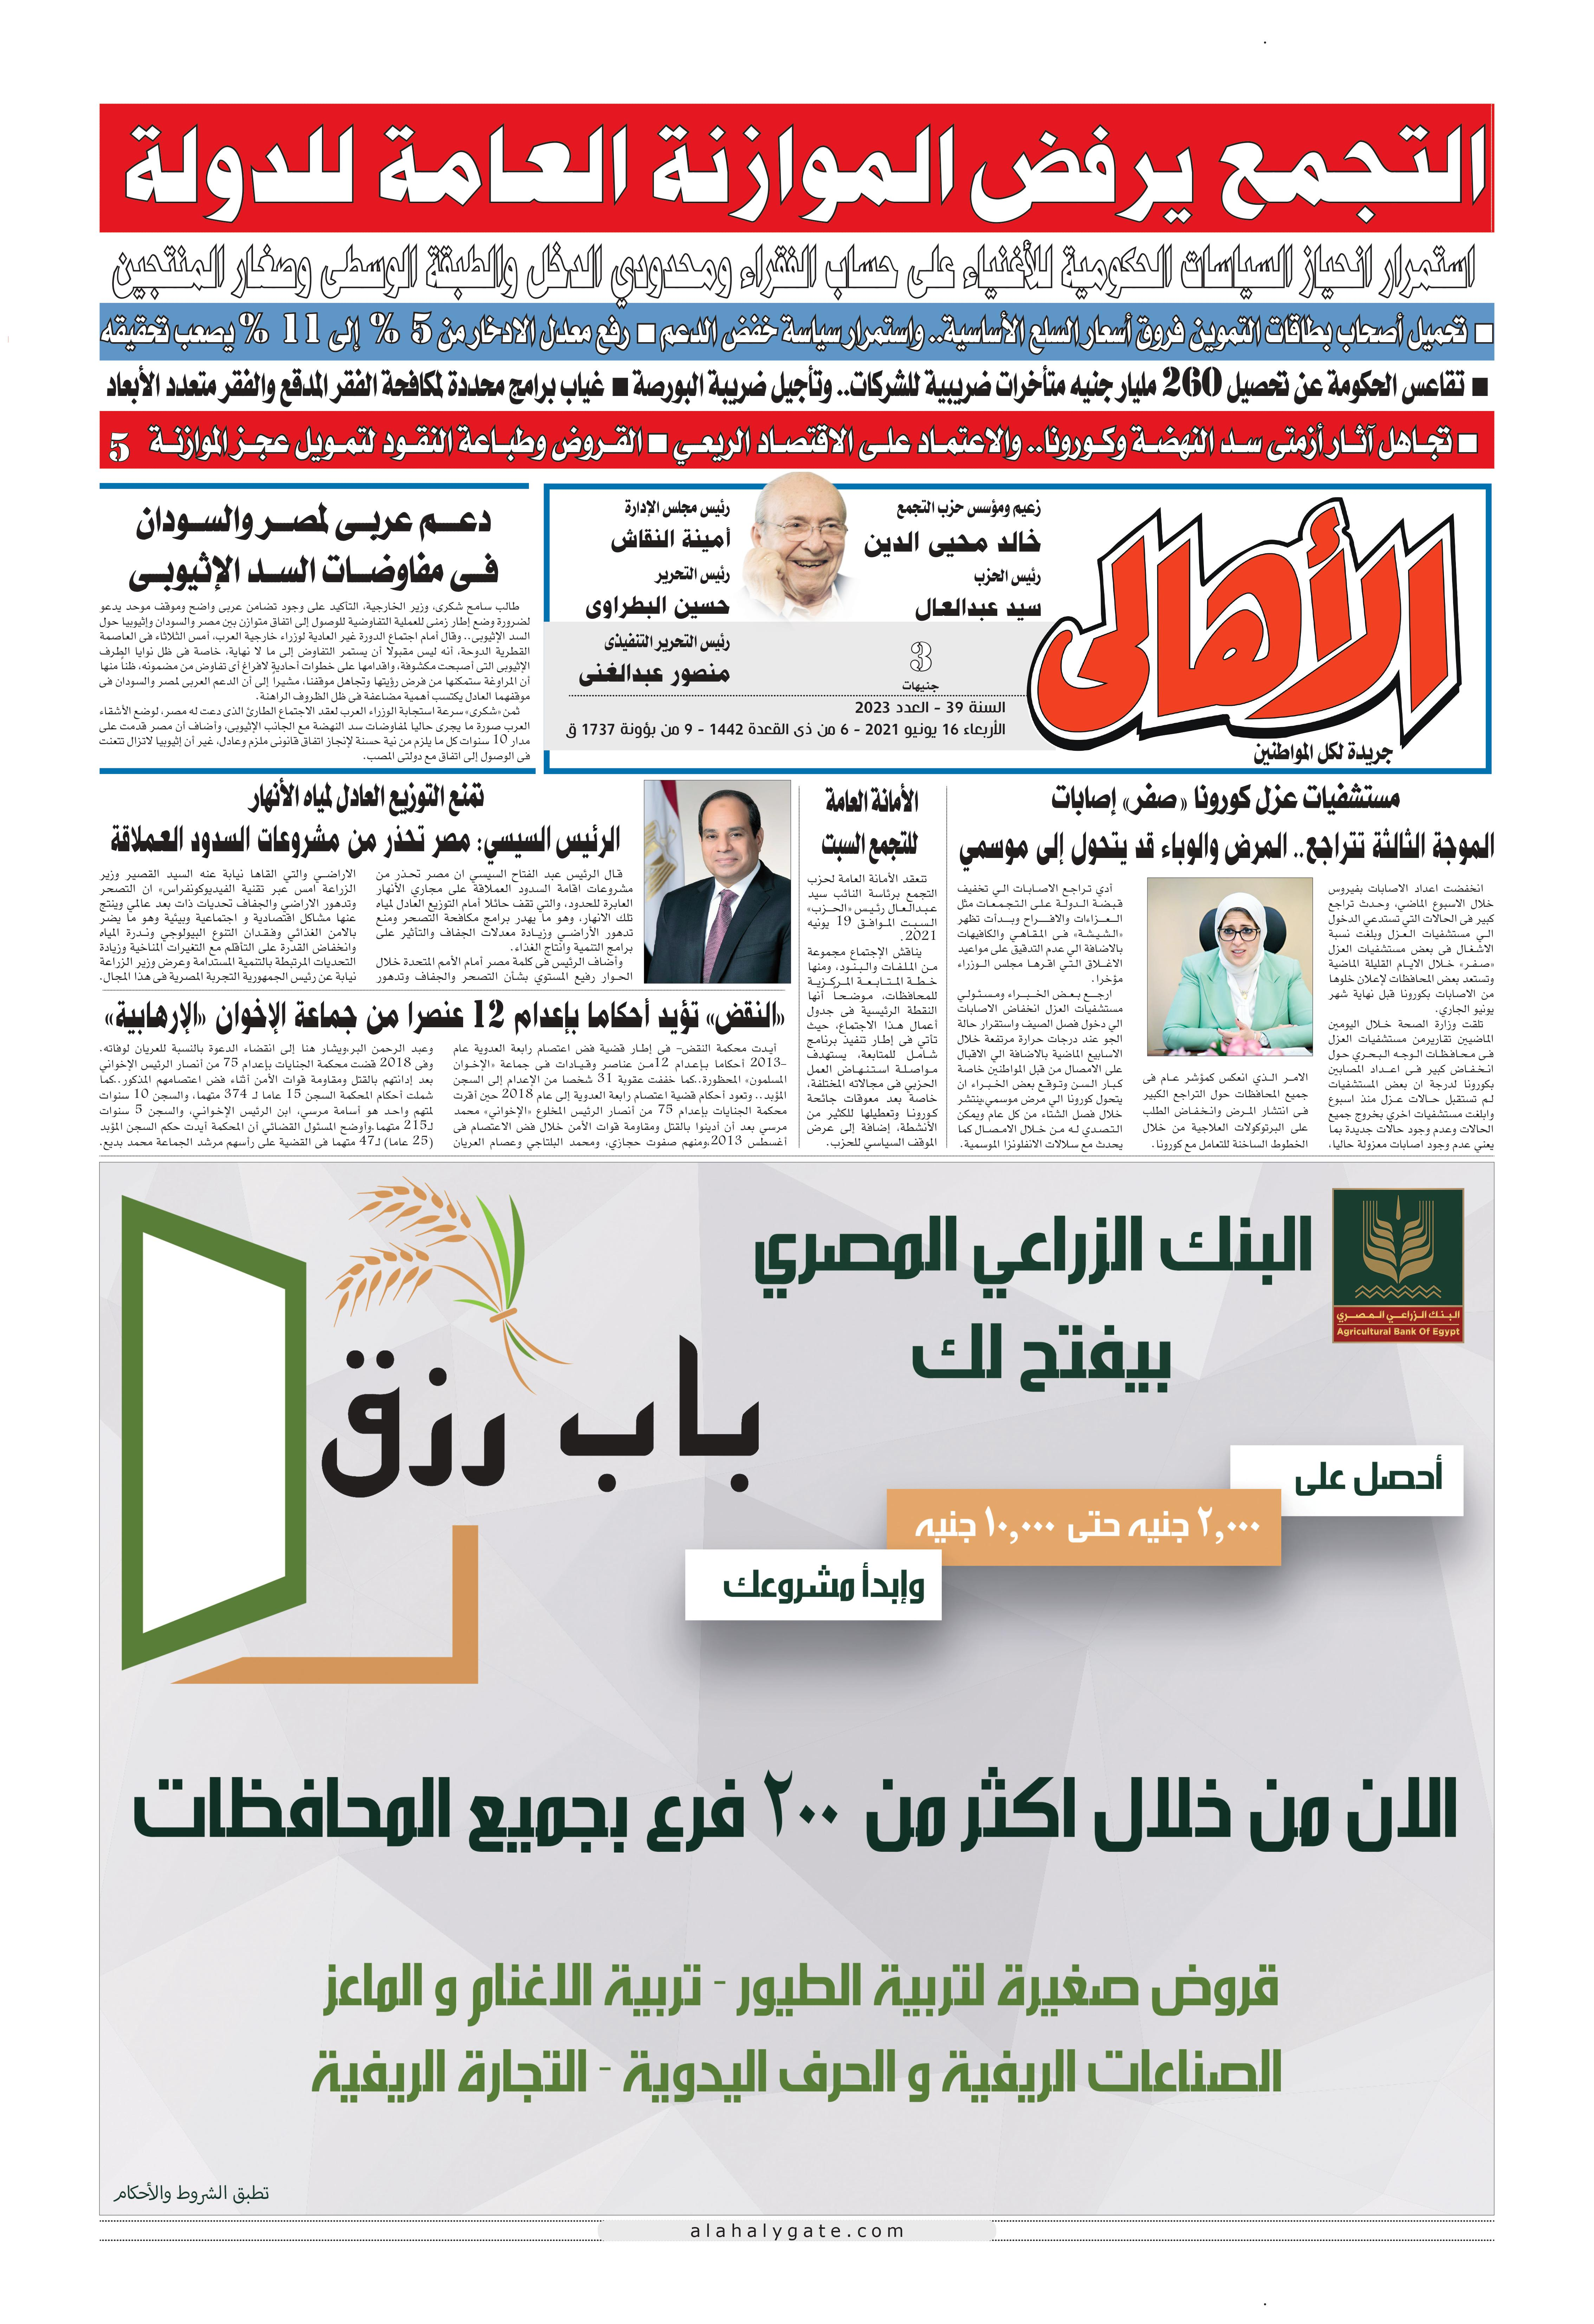 جريدة الاهالي - العدد الورقي